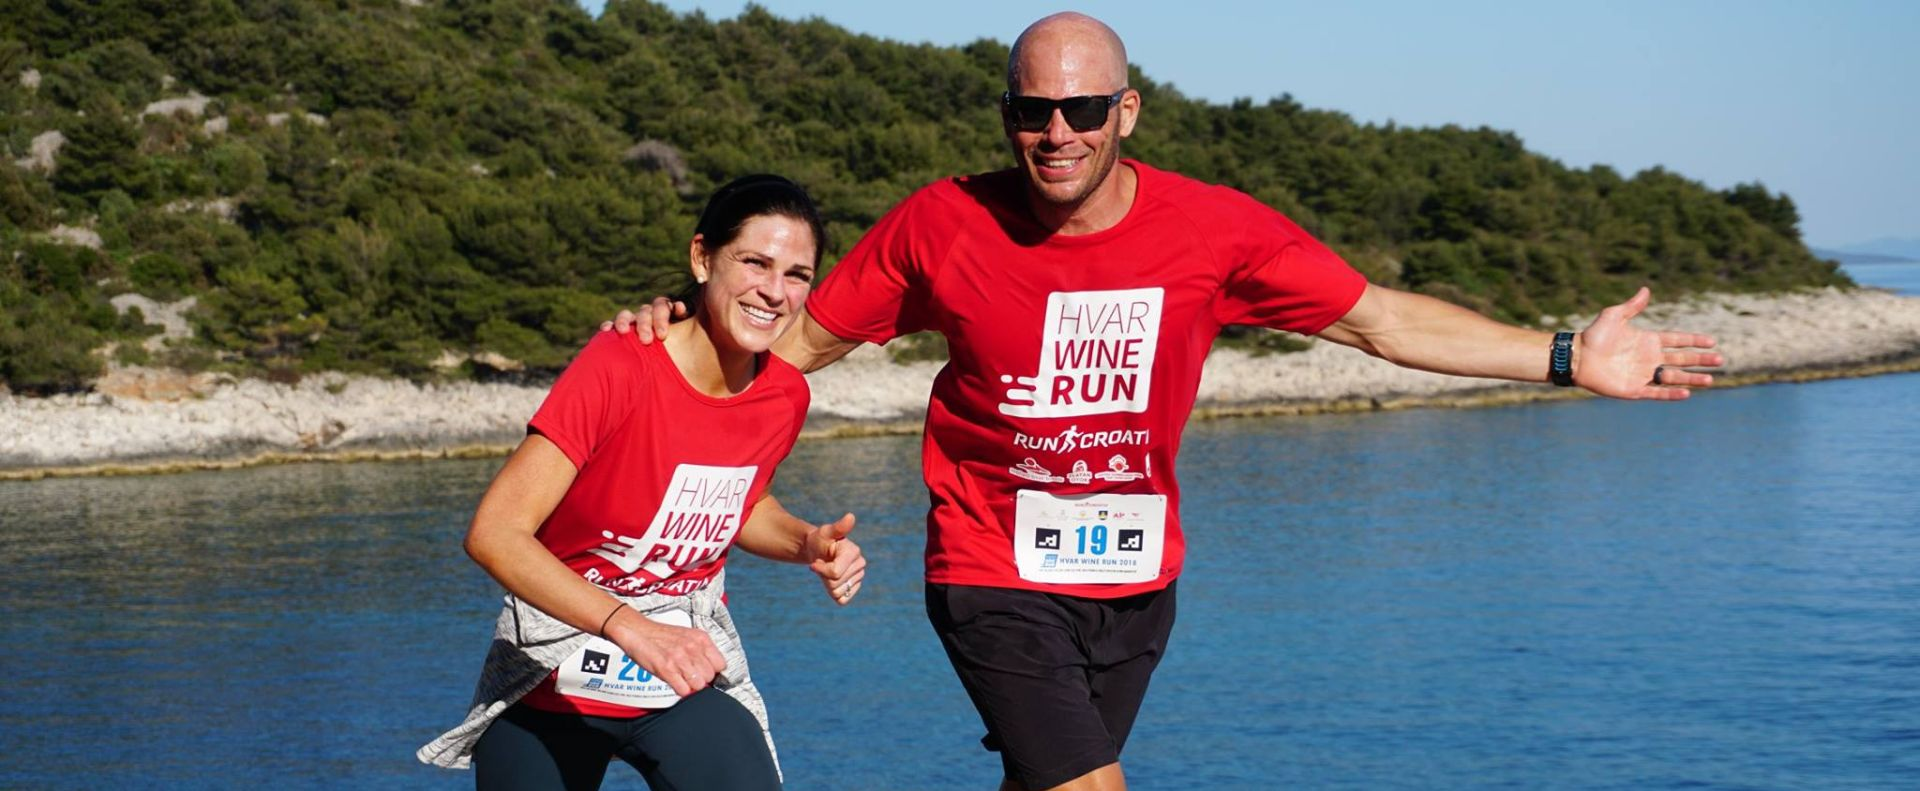 Utrka 'Hvar wine run' okupila trkače iz 7 zemalja svijeta